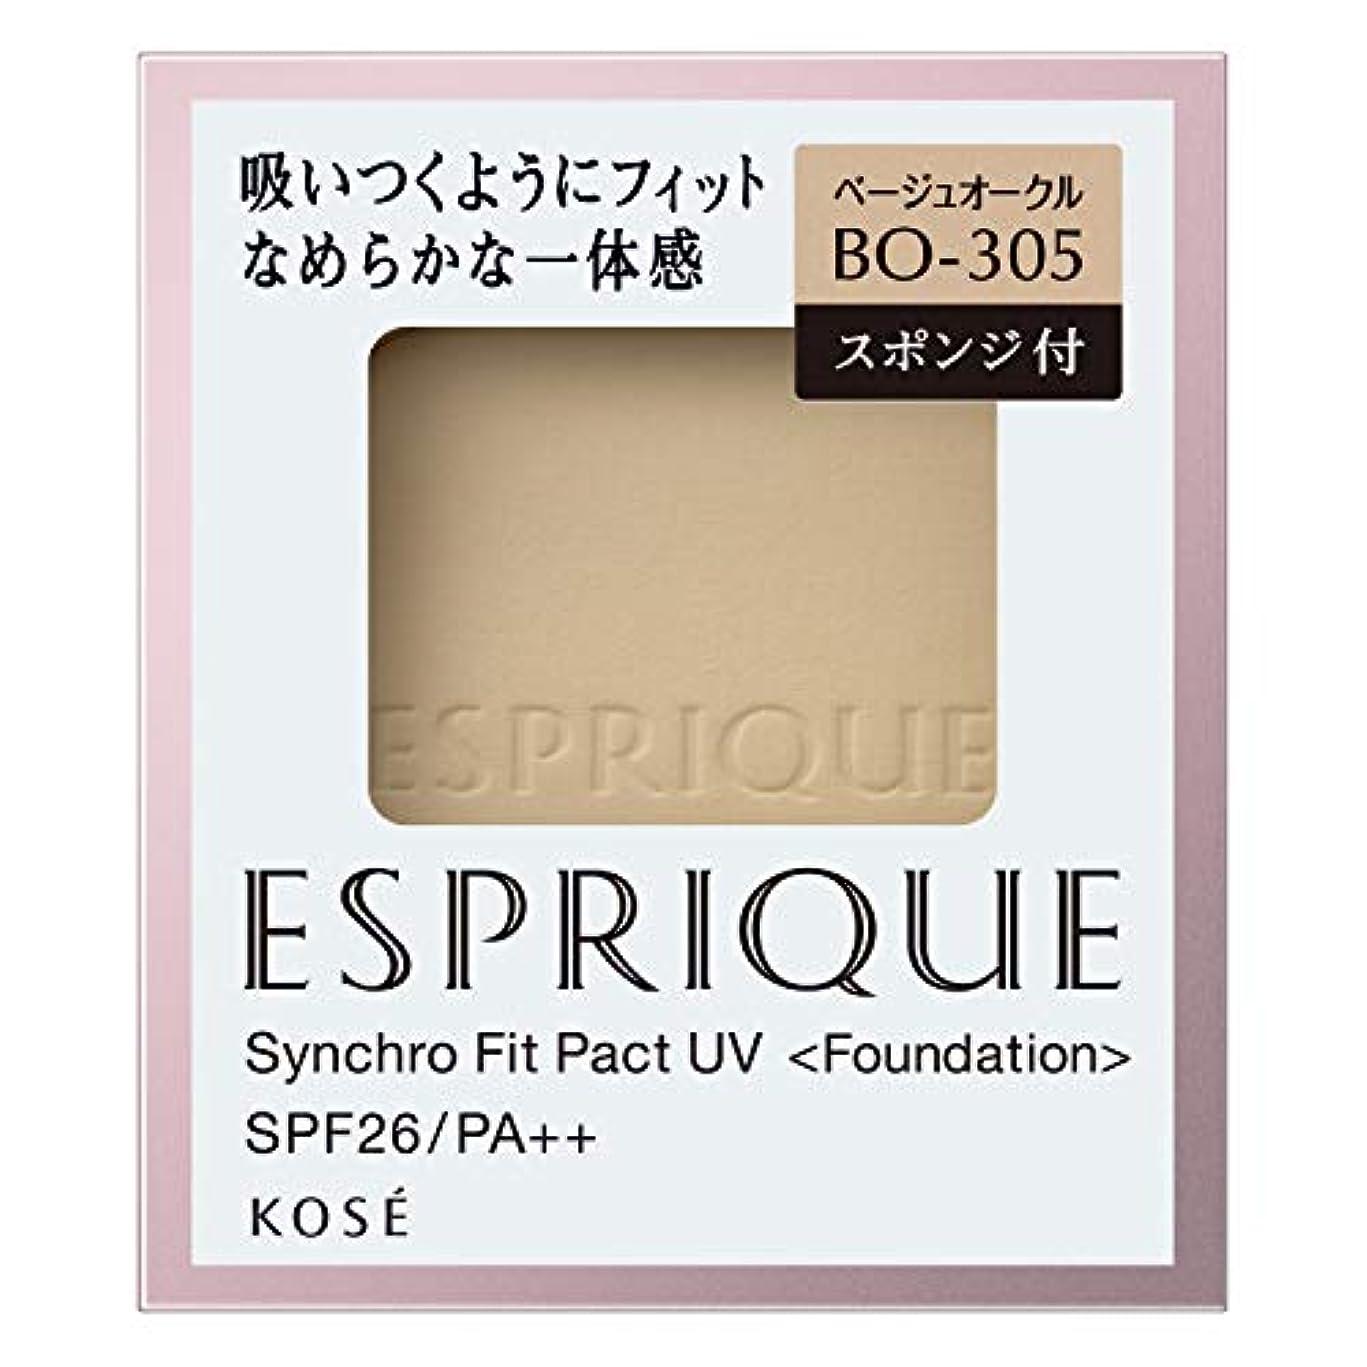 構成するずらす結婚式エスプリーク シンクロフィット パクト UV BO-305 ベージュオークル 9.3g